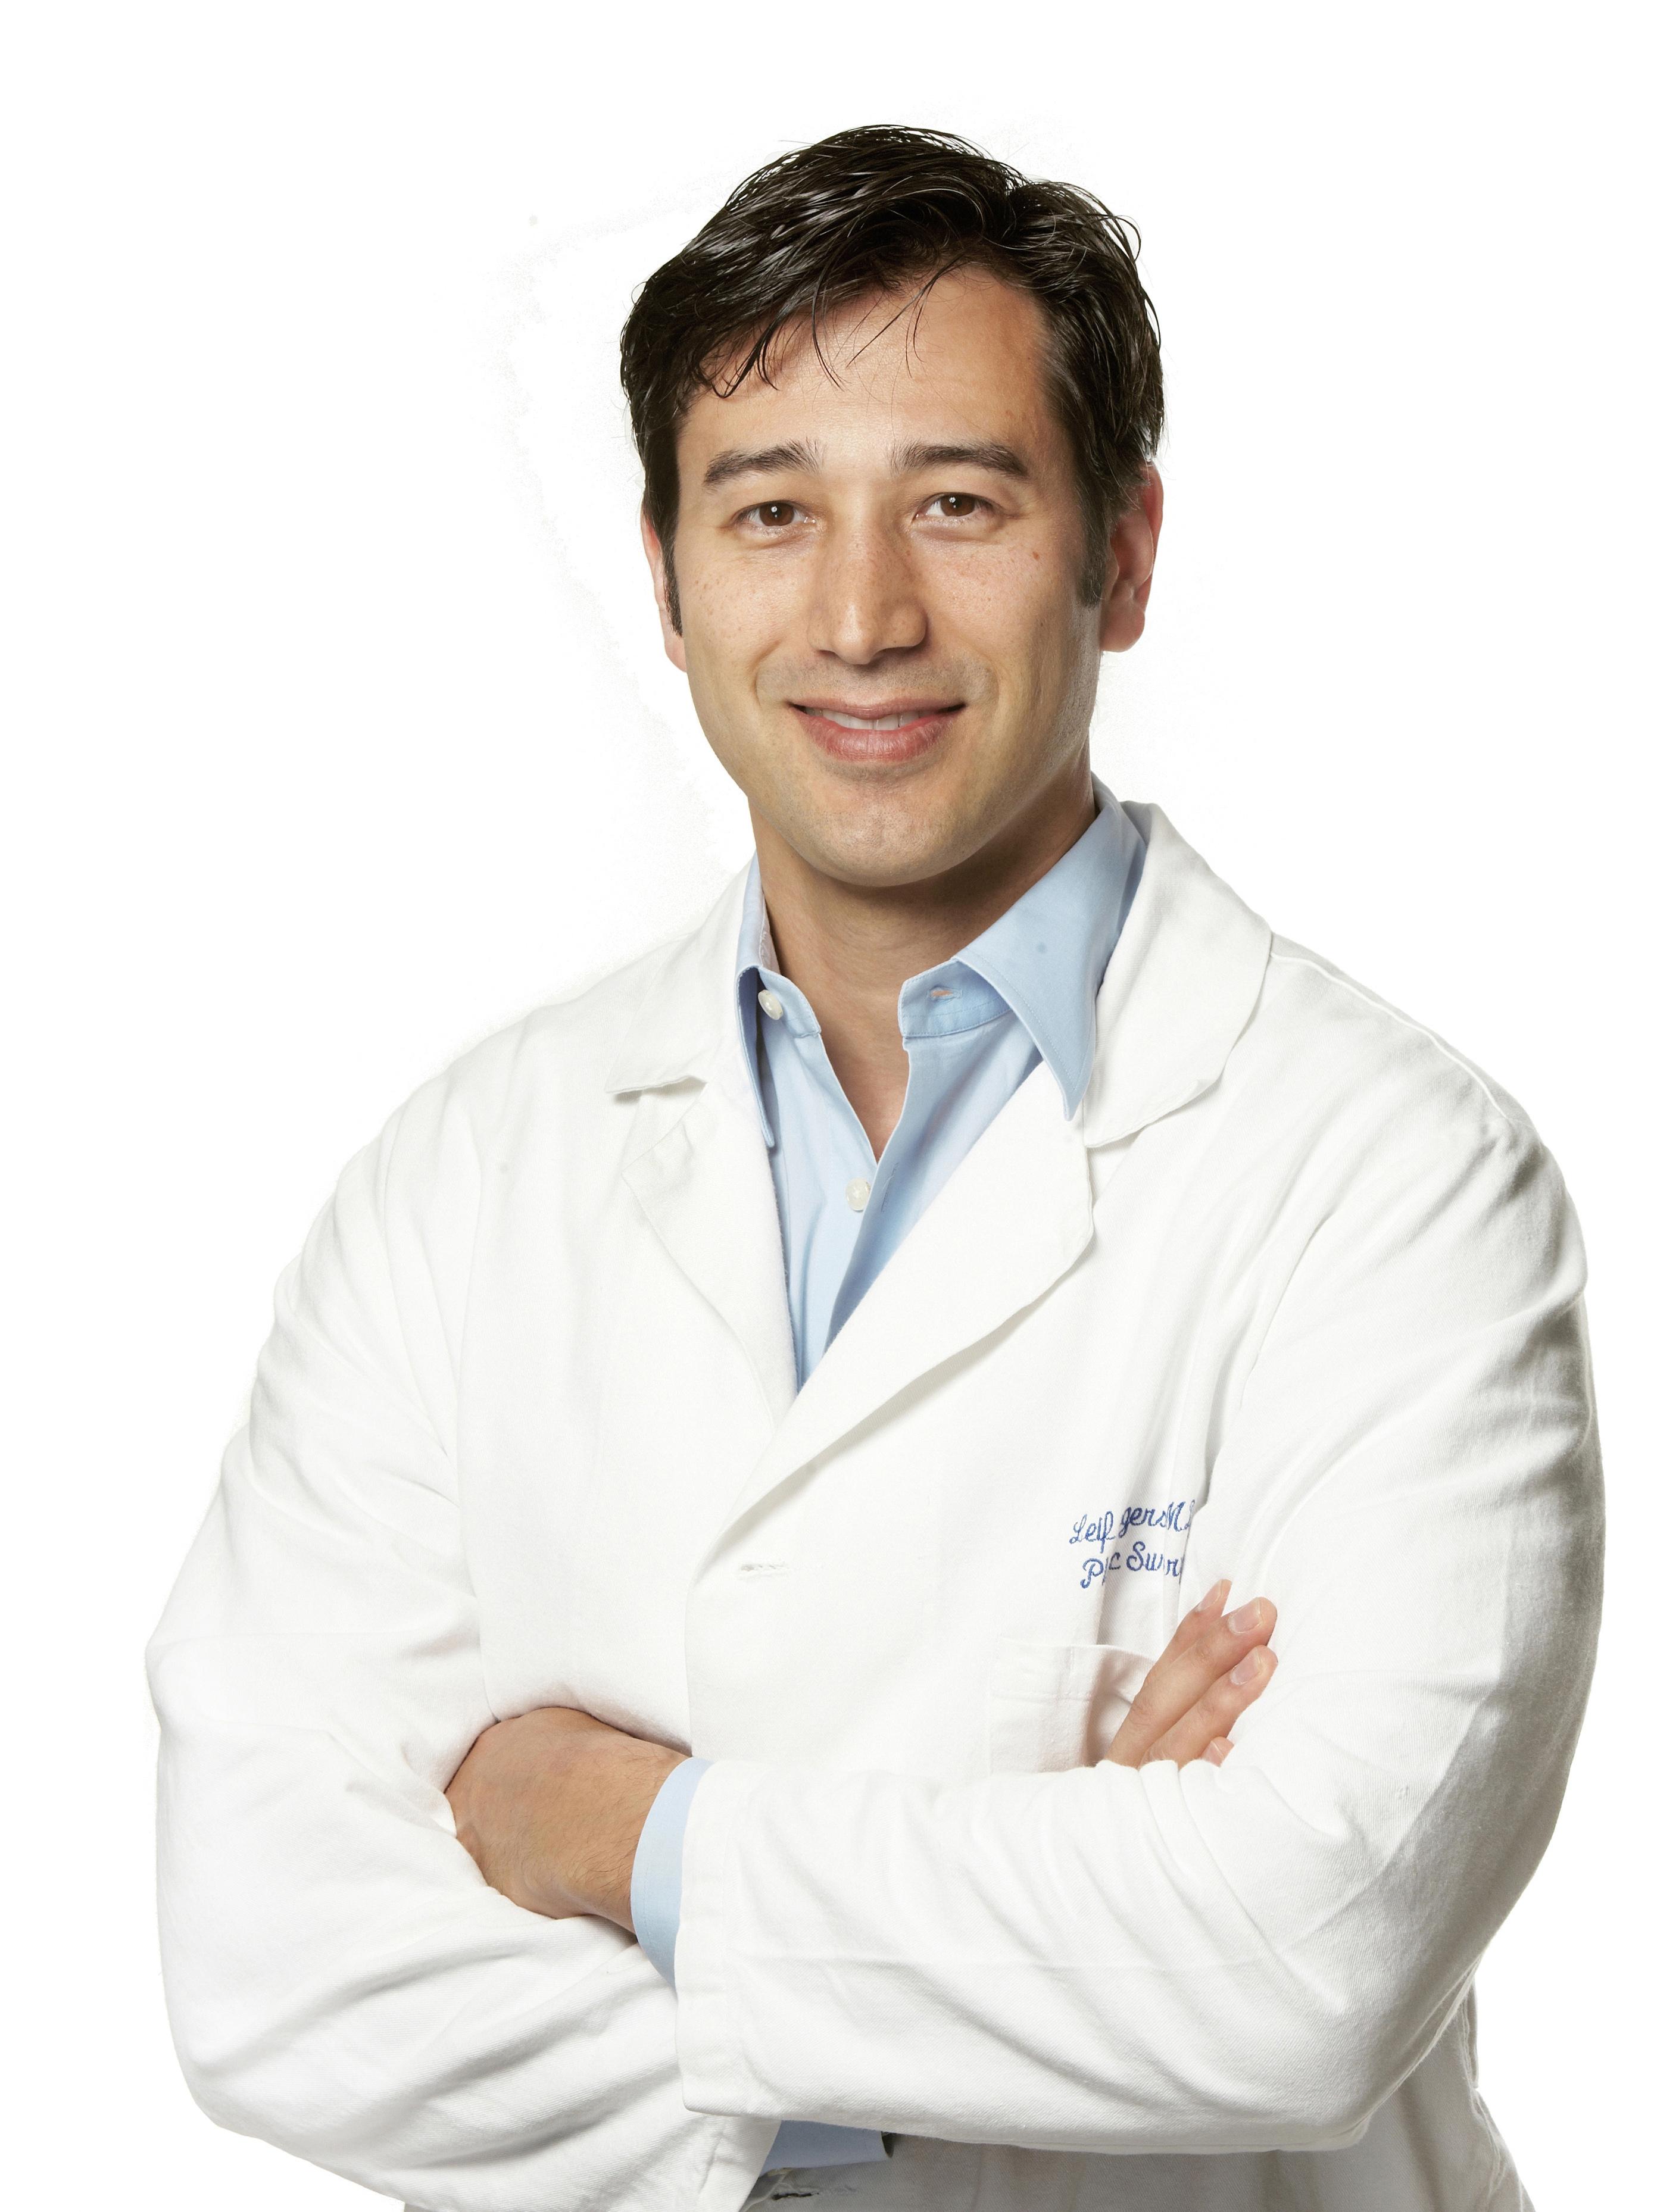 of autism dr whitaker lifescript com dr rogersphoto whitelabcoat jpg